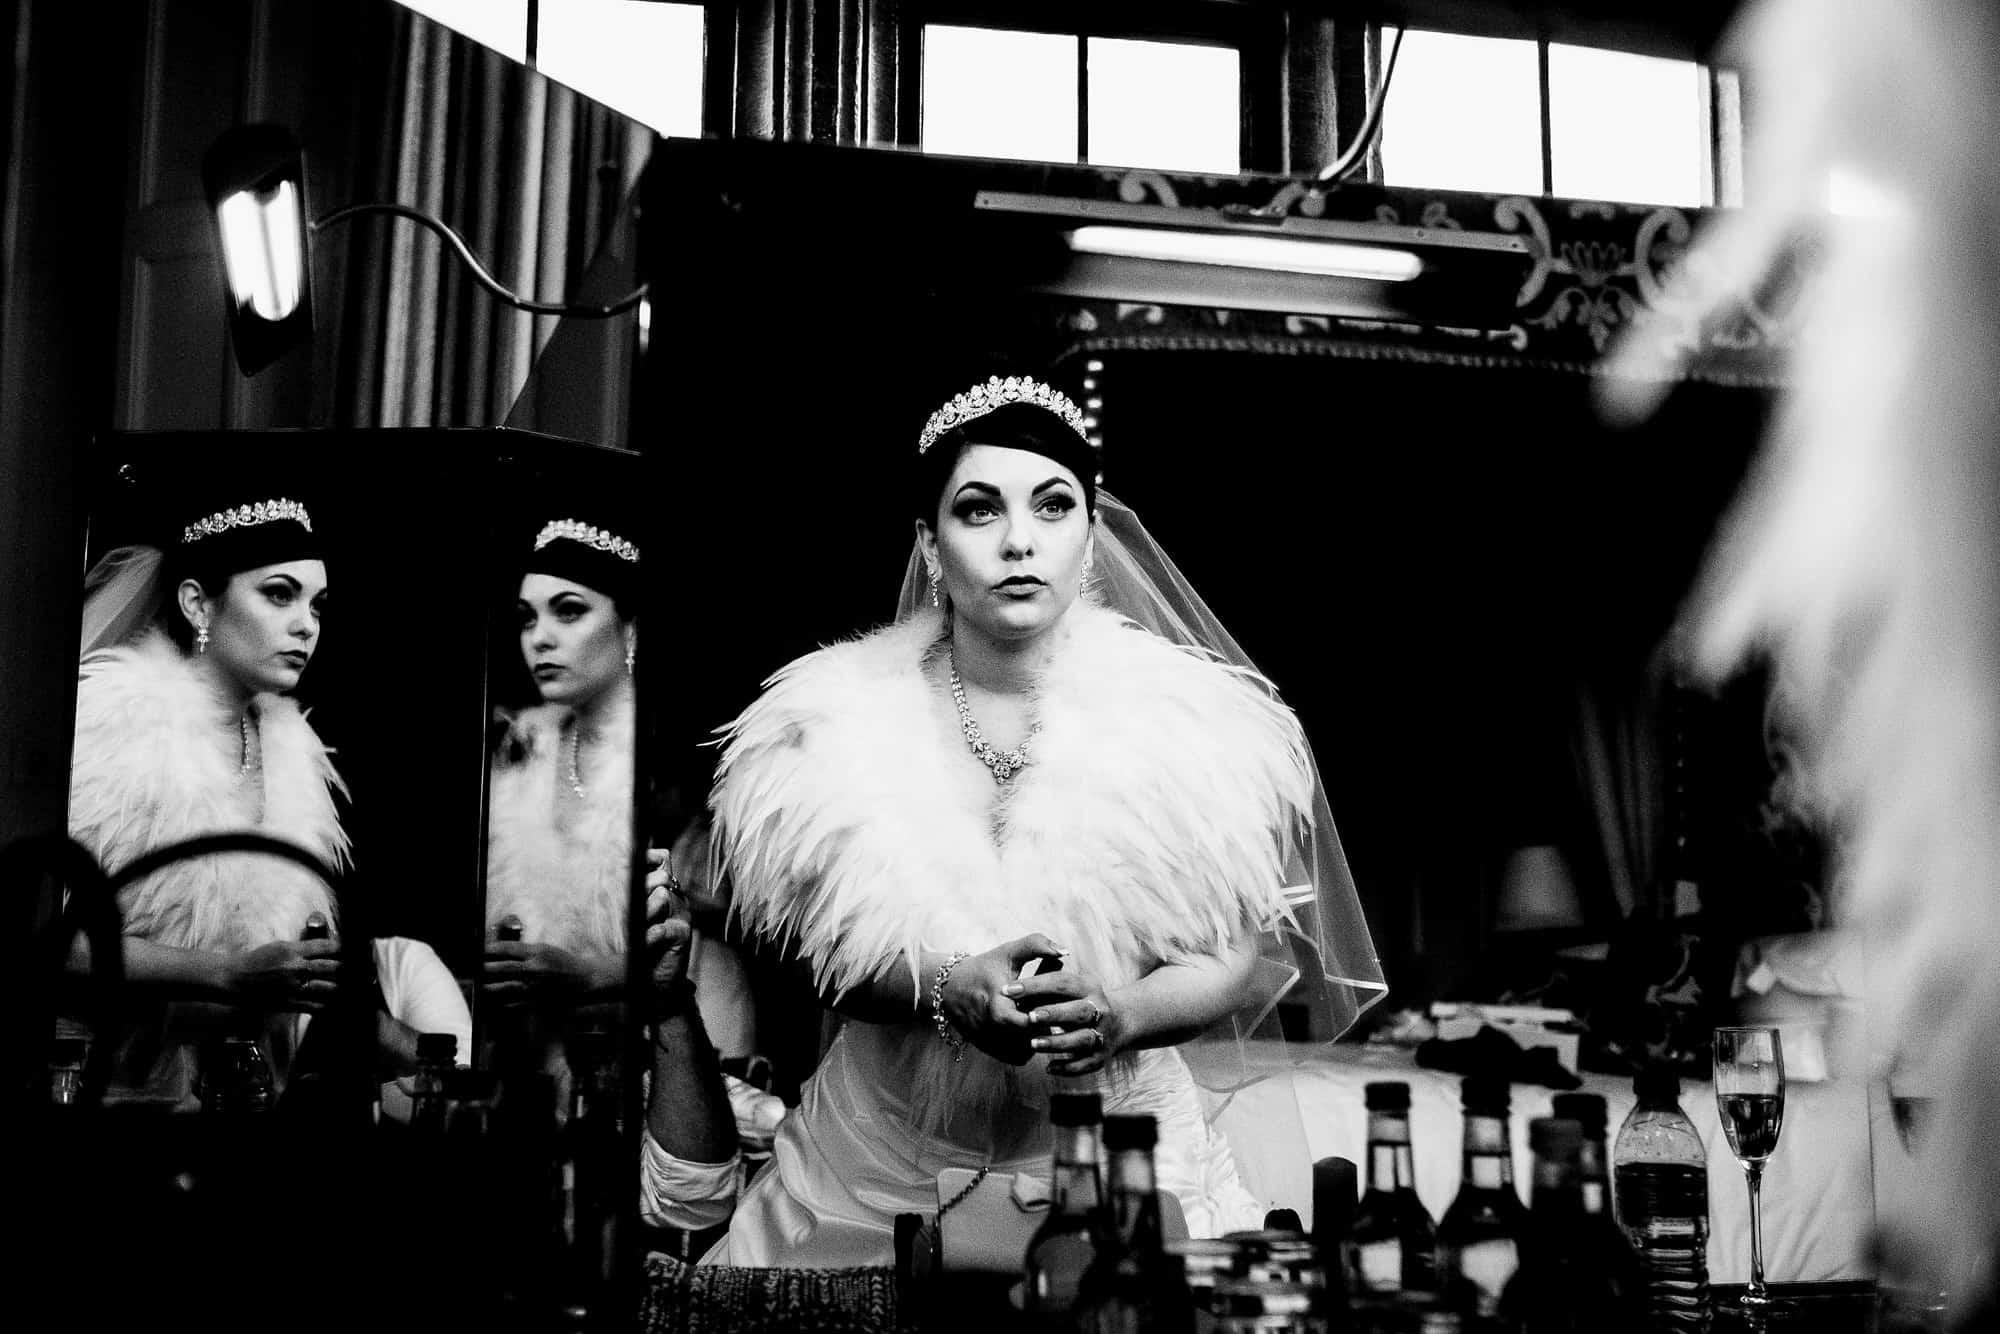 leeds-castle-wedding-photographer-matt-tyler-0018